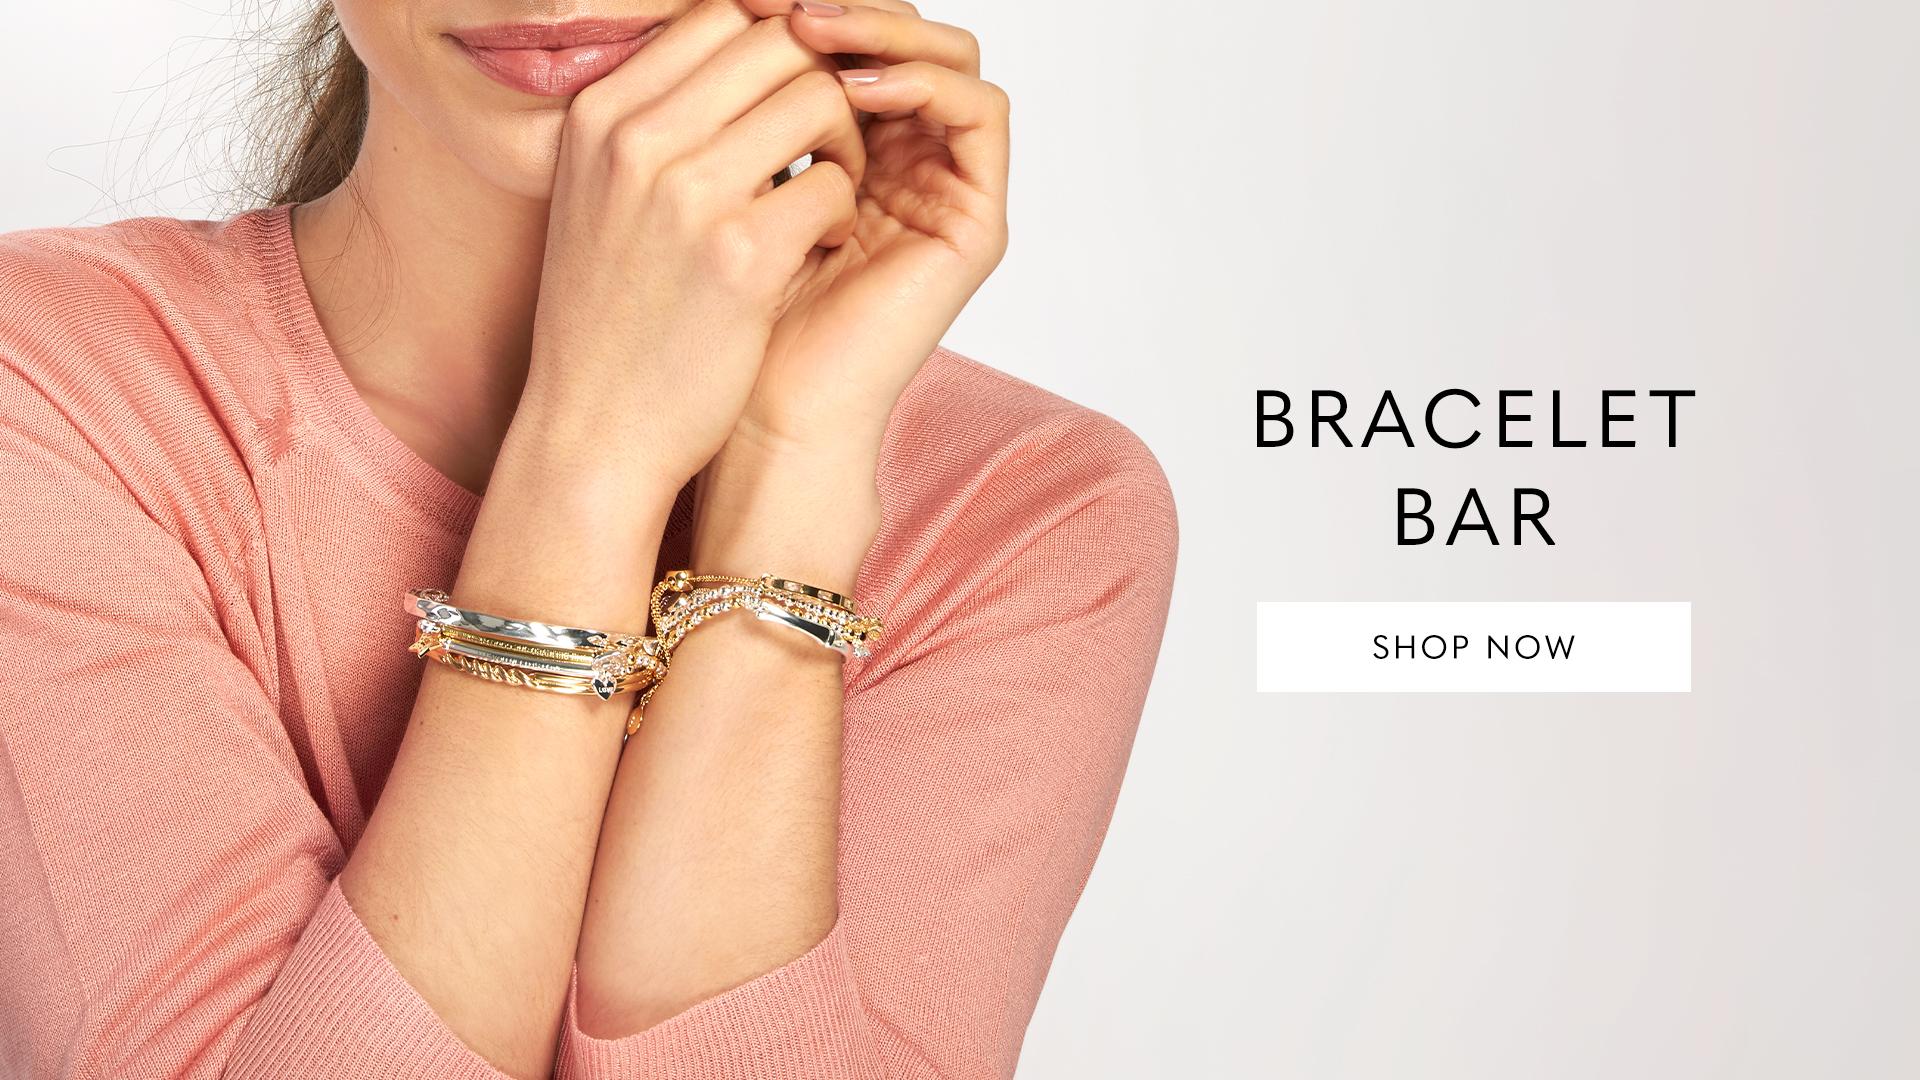 Bracelet Bar Collection